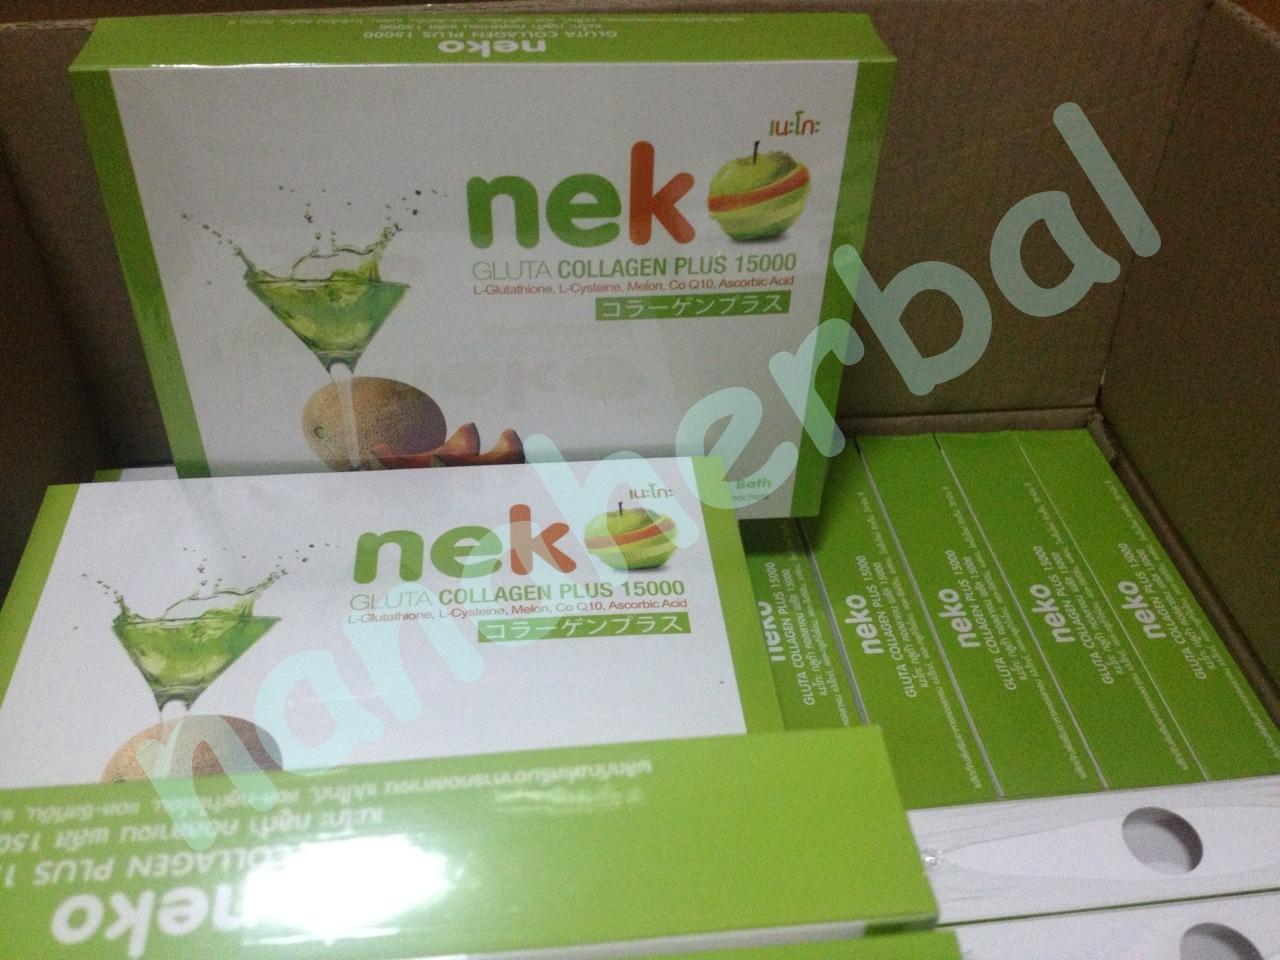 เนโกะ คอลลาเจน, เนโกะ คอลลาเจน ราคา, เนโกะ คอลลาเจน 15000, เนโกะ คอลลาเจน รีวิว, neko collagen 15000, neko collagen, neko collagen ราคาส่ง, neko collagen 15000 mg, neko collagen 15000 รีวิว, neko collagen ราคา, neko collagen รีวิว, Neko gluta collagen 15000 plus, เนะโกะ กลูต้า คอลลาเจน 15000 พลัส